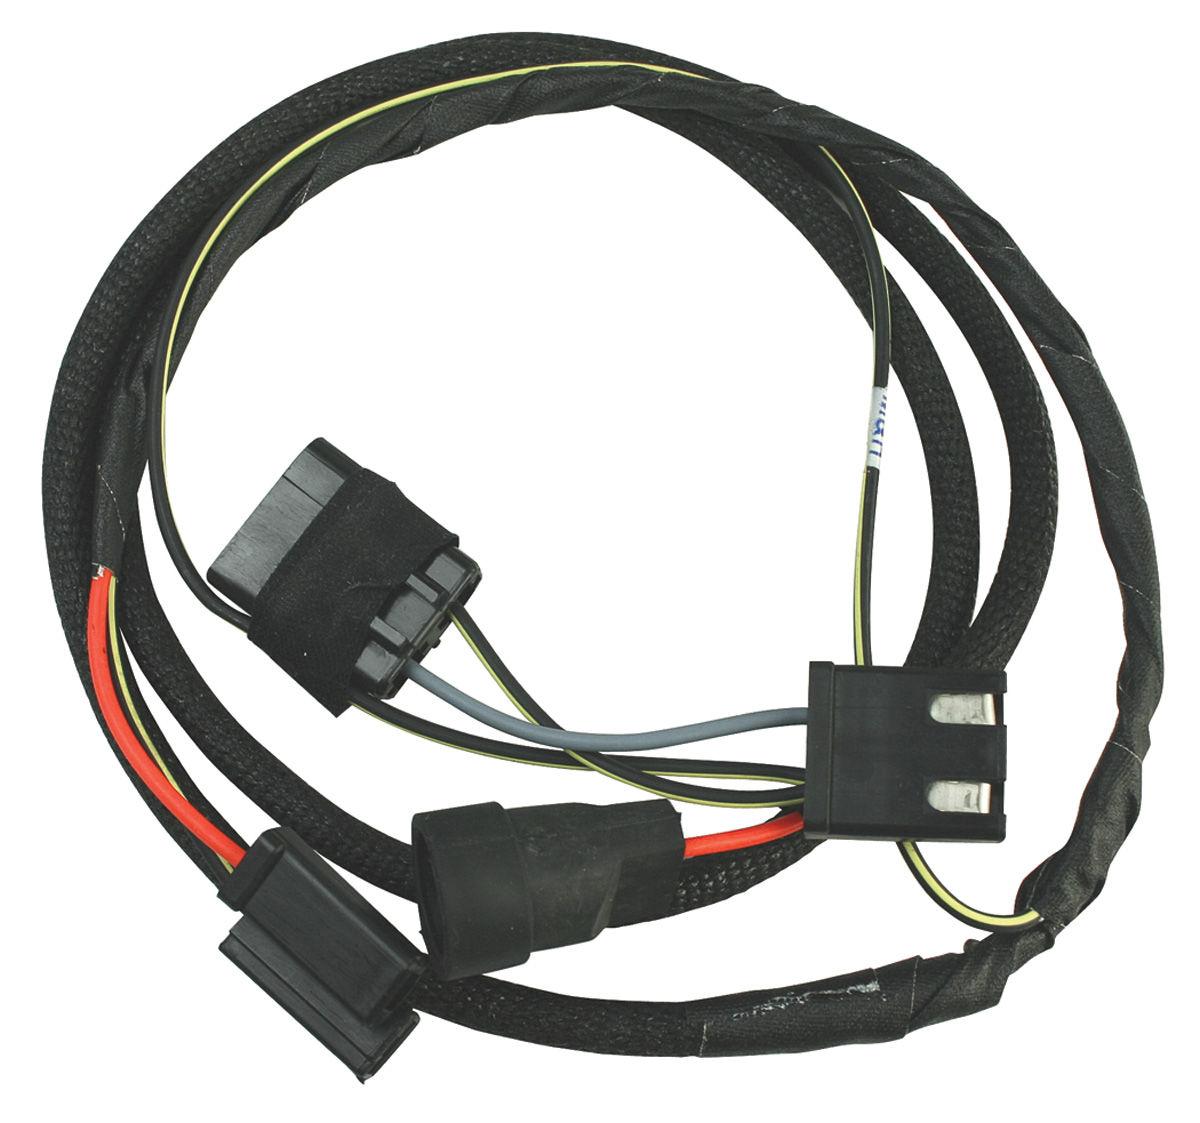 1966 chevelle wiring diagram 2004 acura tl fuse m&h 1966-67 kickdown harness, th400 @ opgi.com